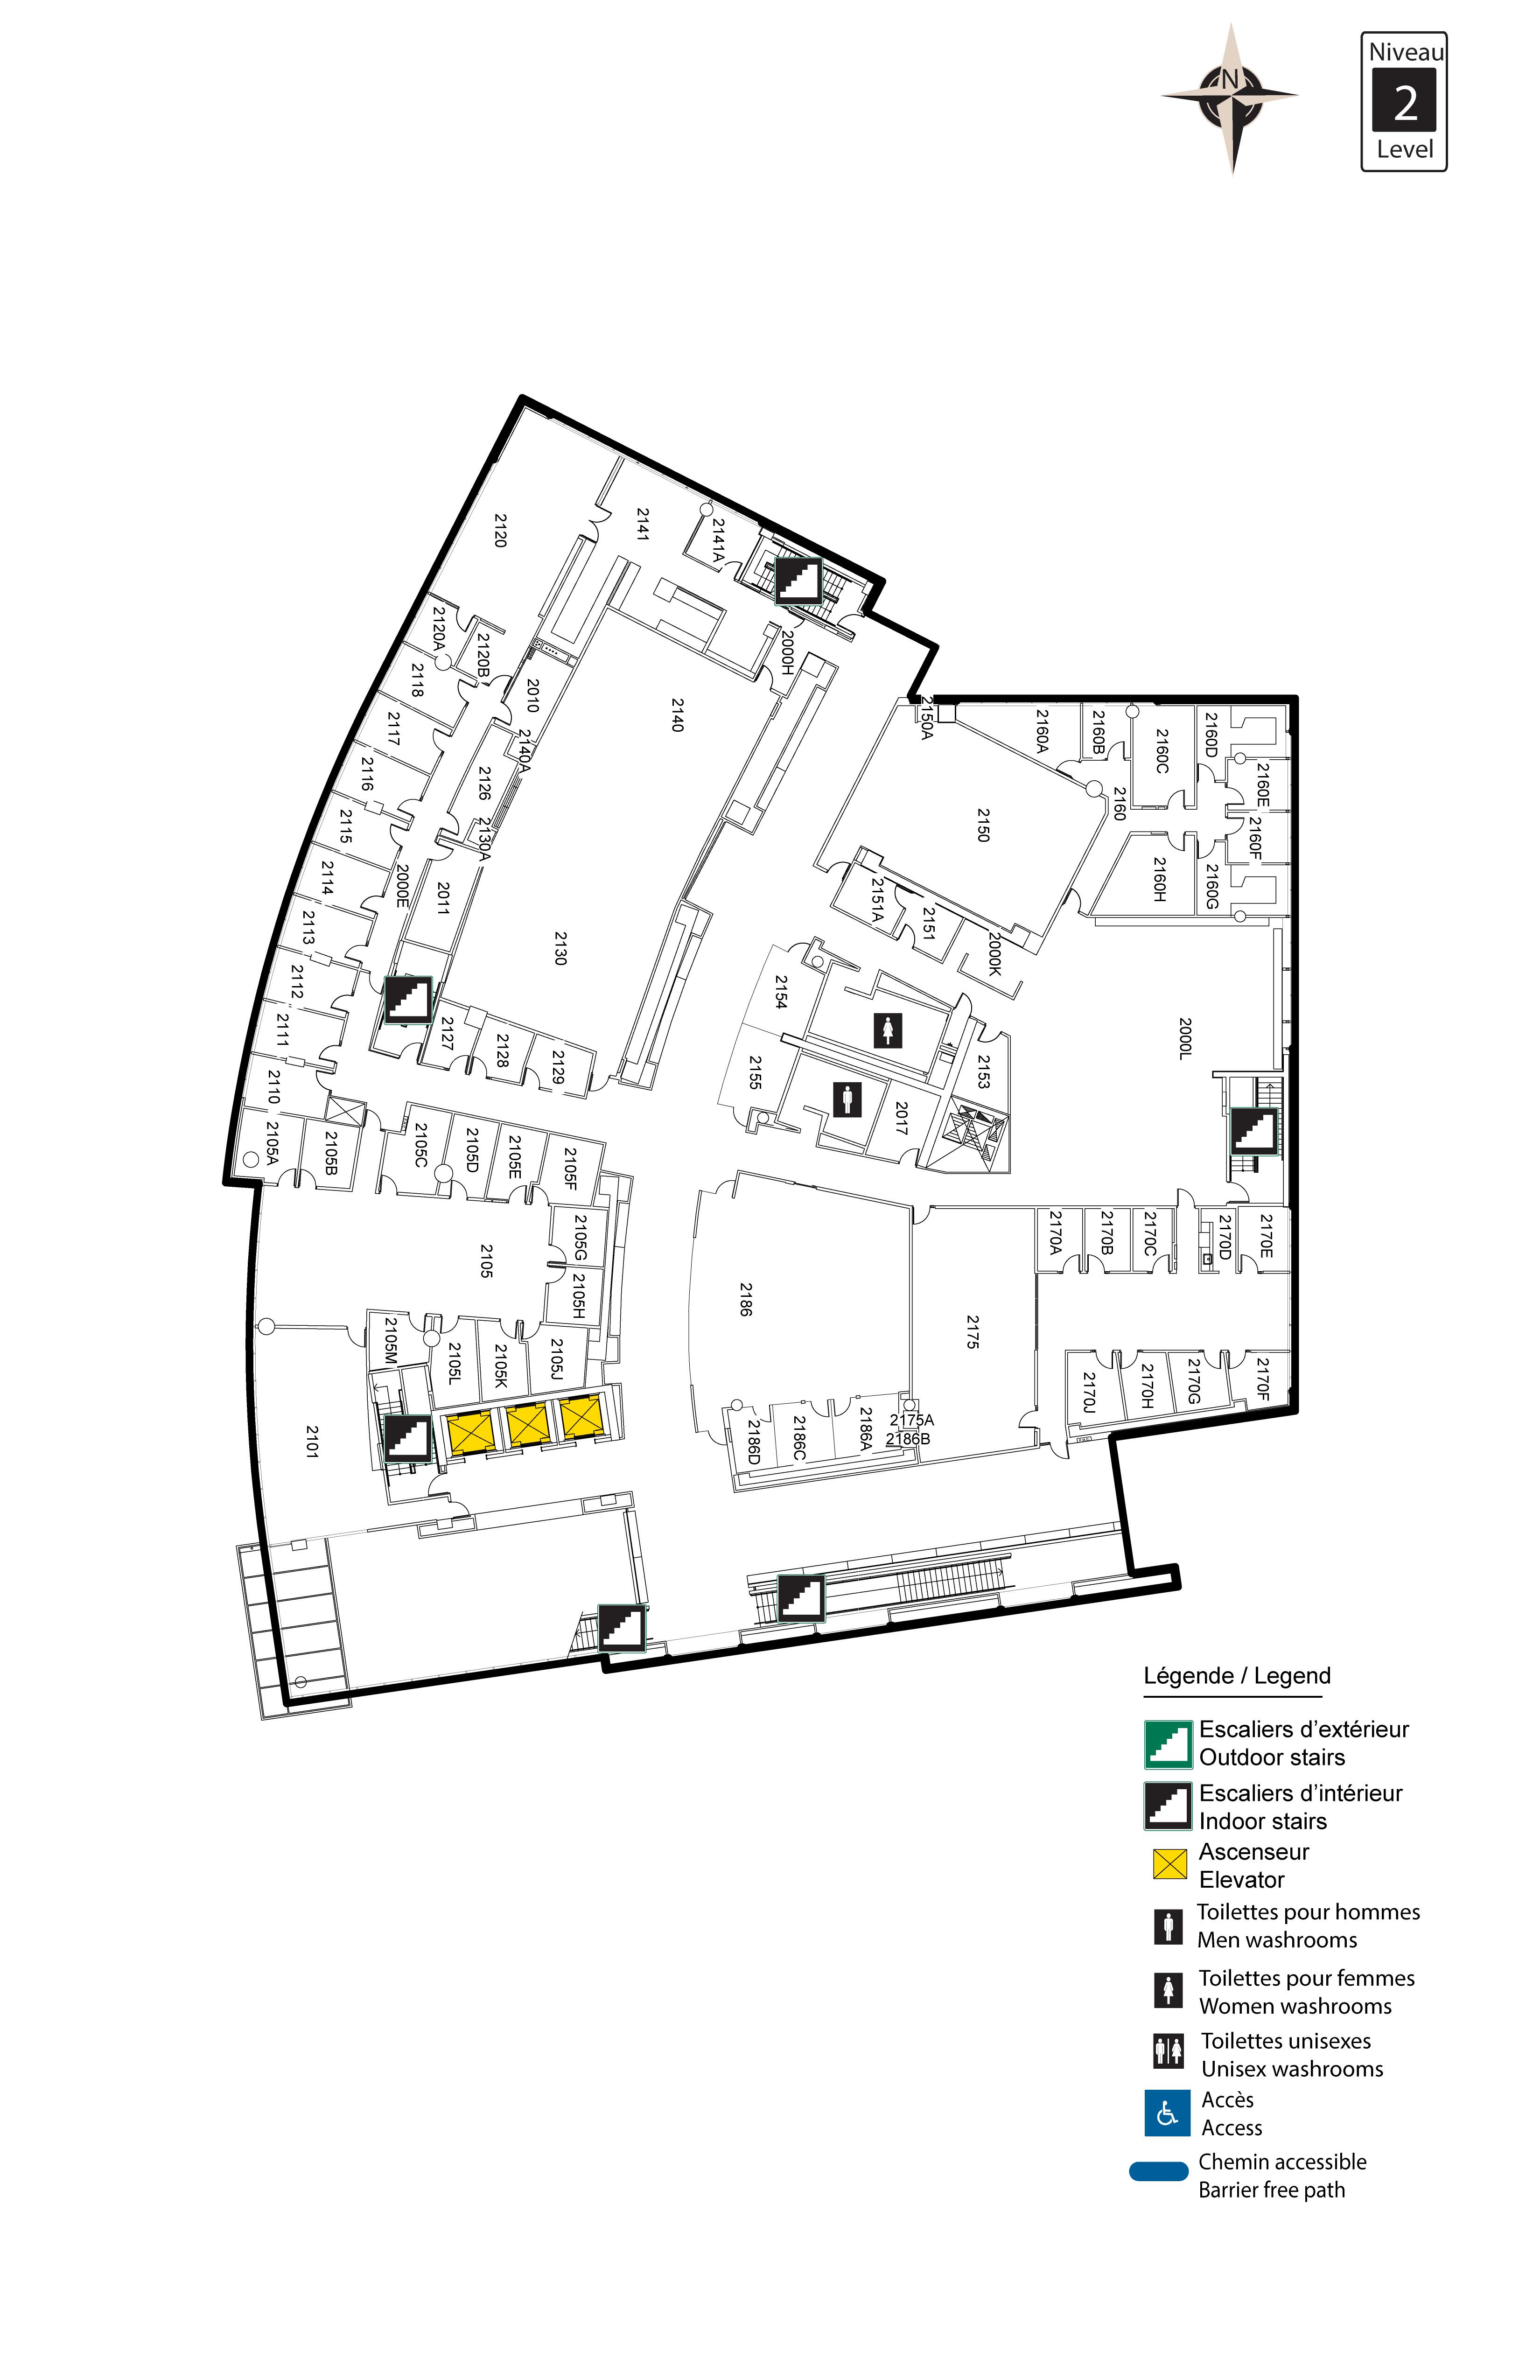 Accessible map - Desmarais 2